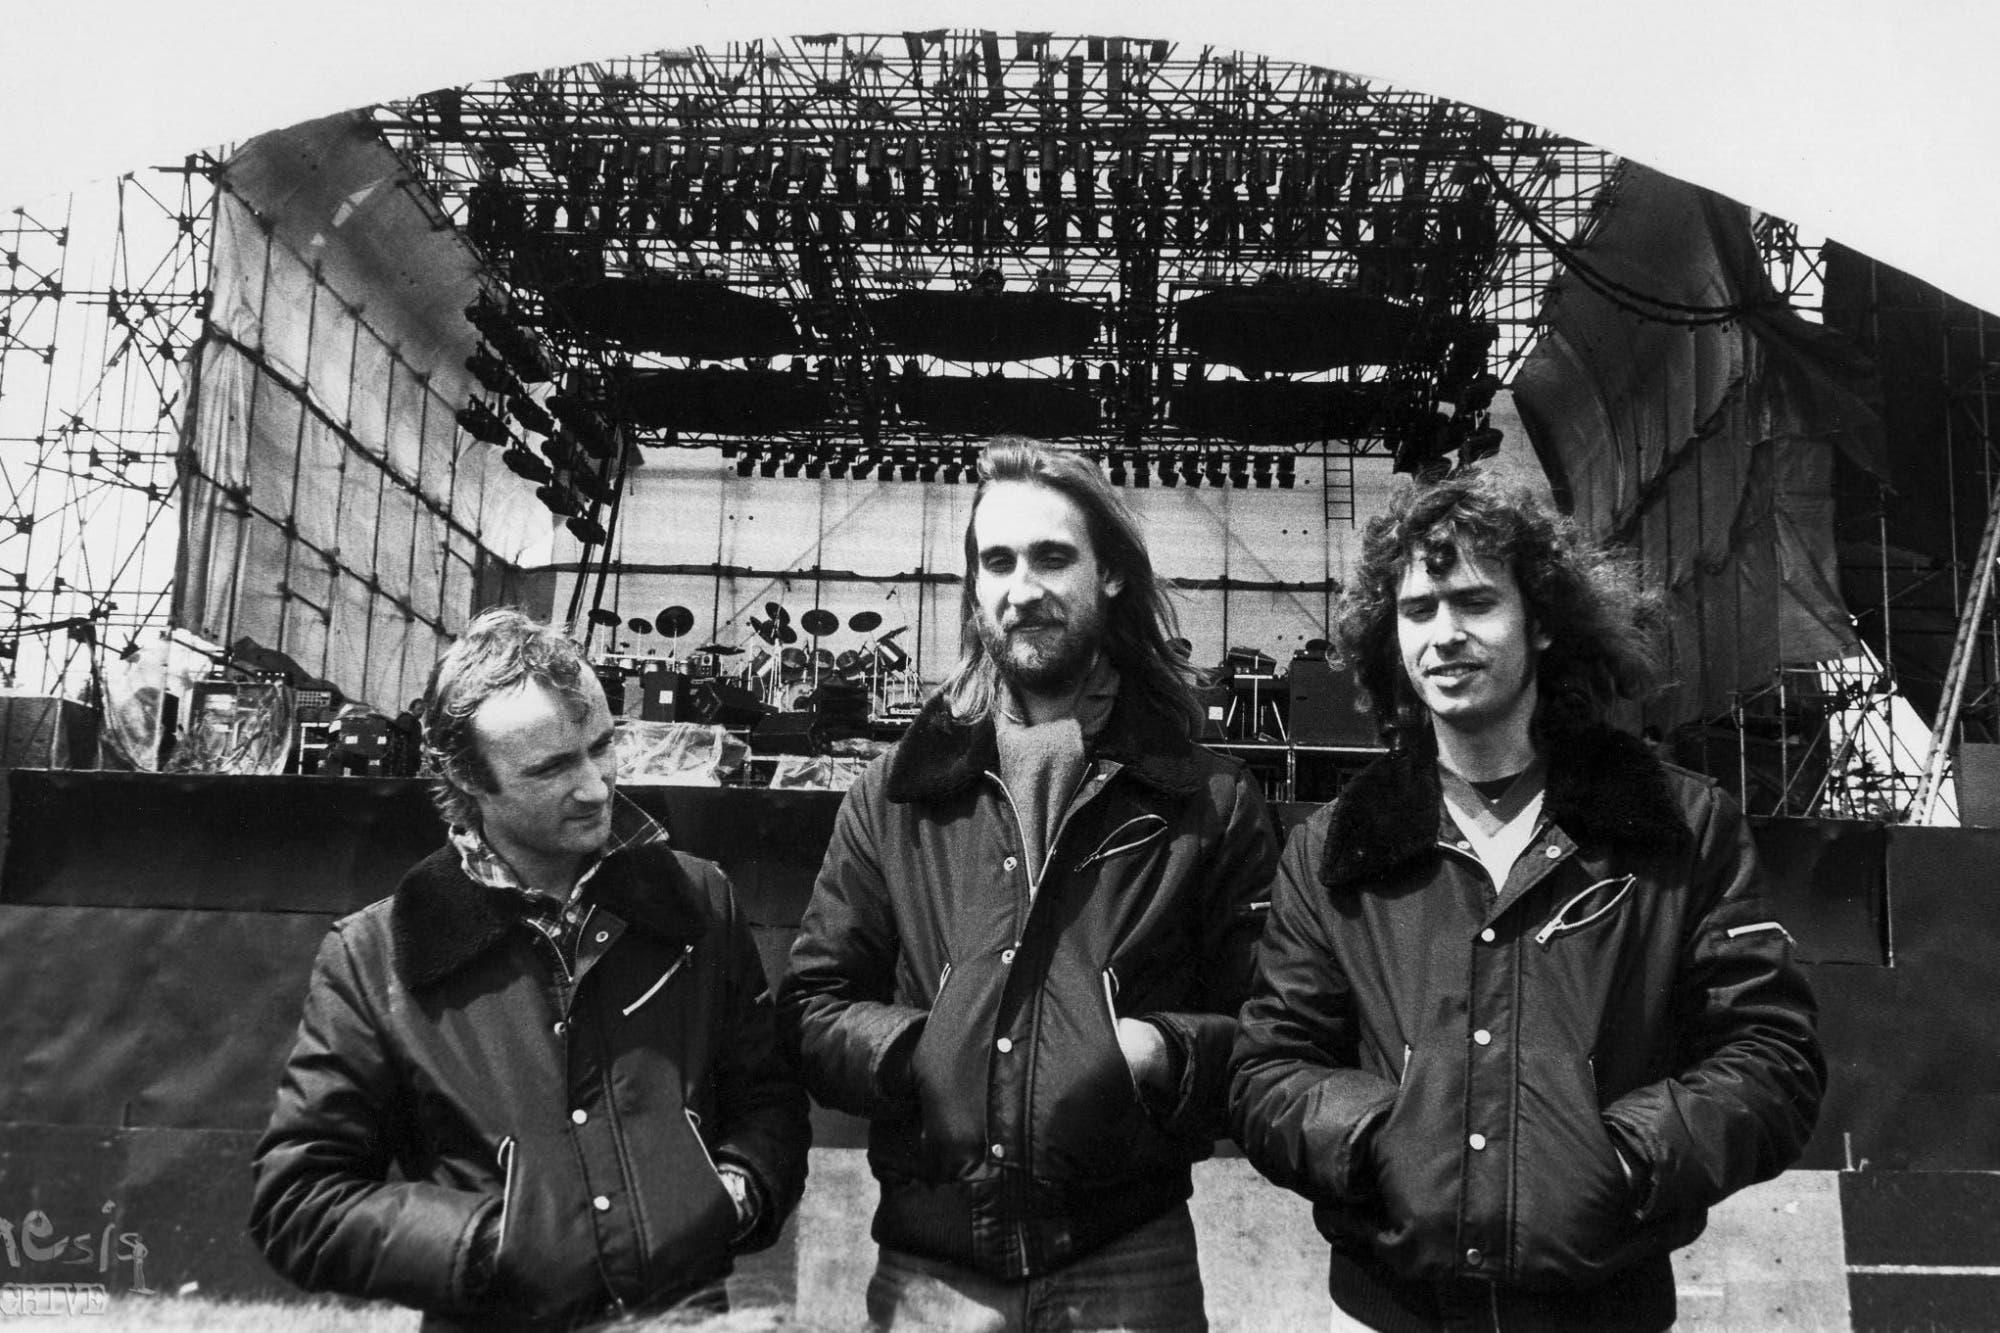 Con Phil Collins, Genesis vuelve a salir de gira por el Reino Unido